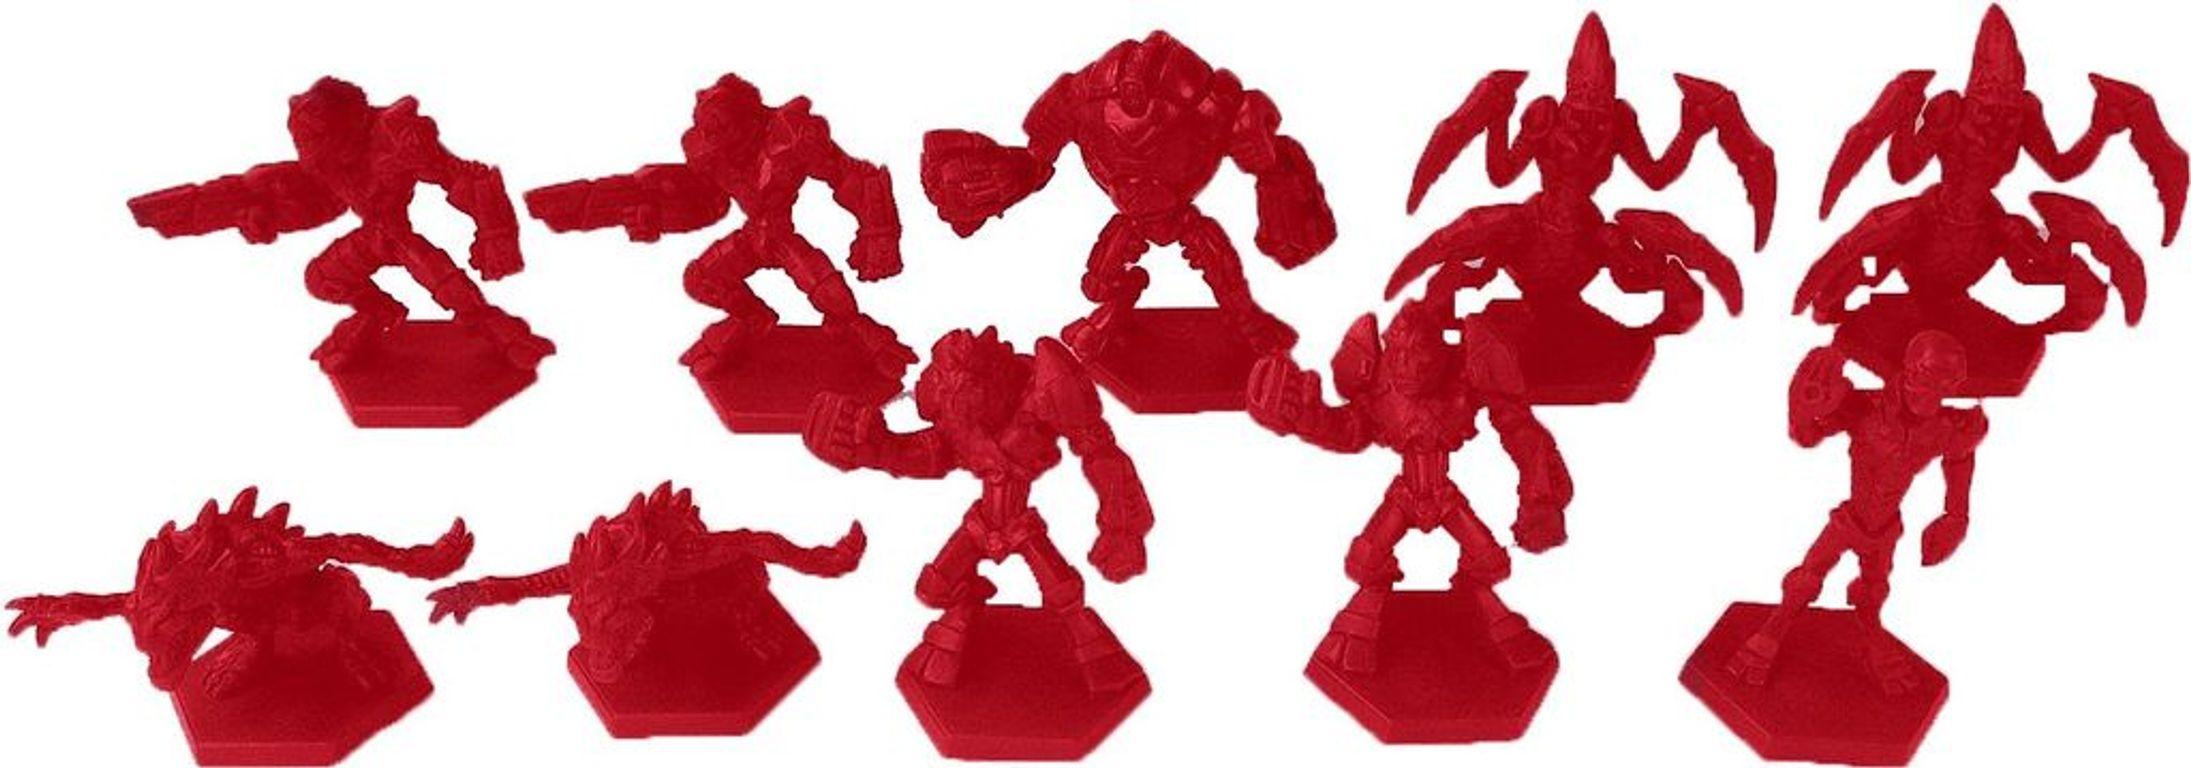 Galaxy Defenders: Elite Alien Army miniatures